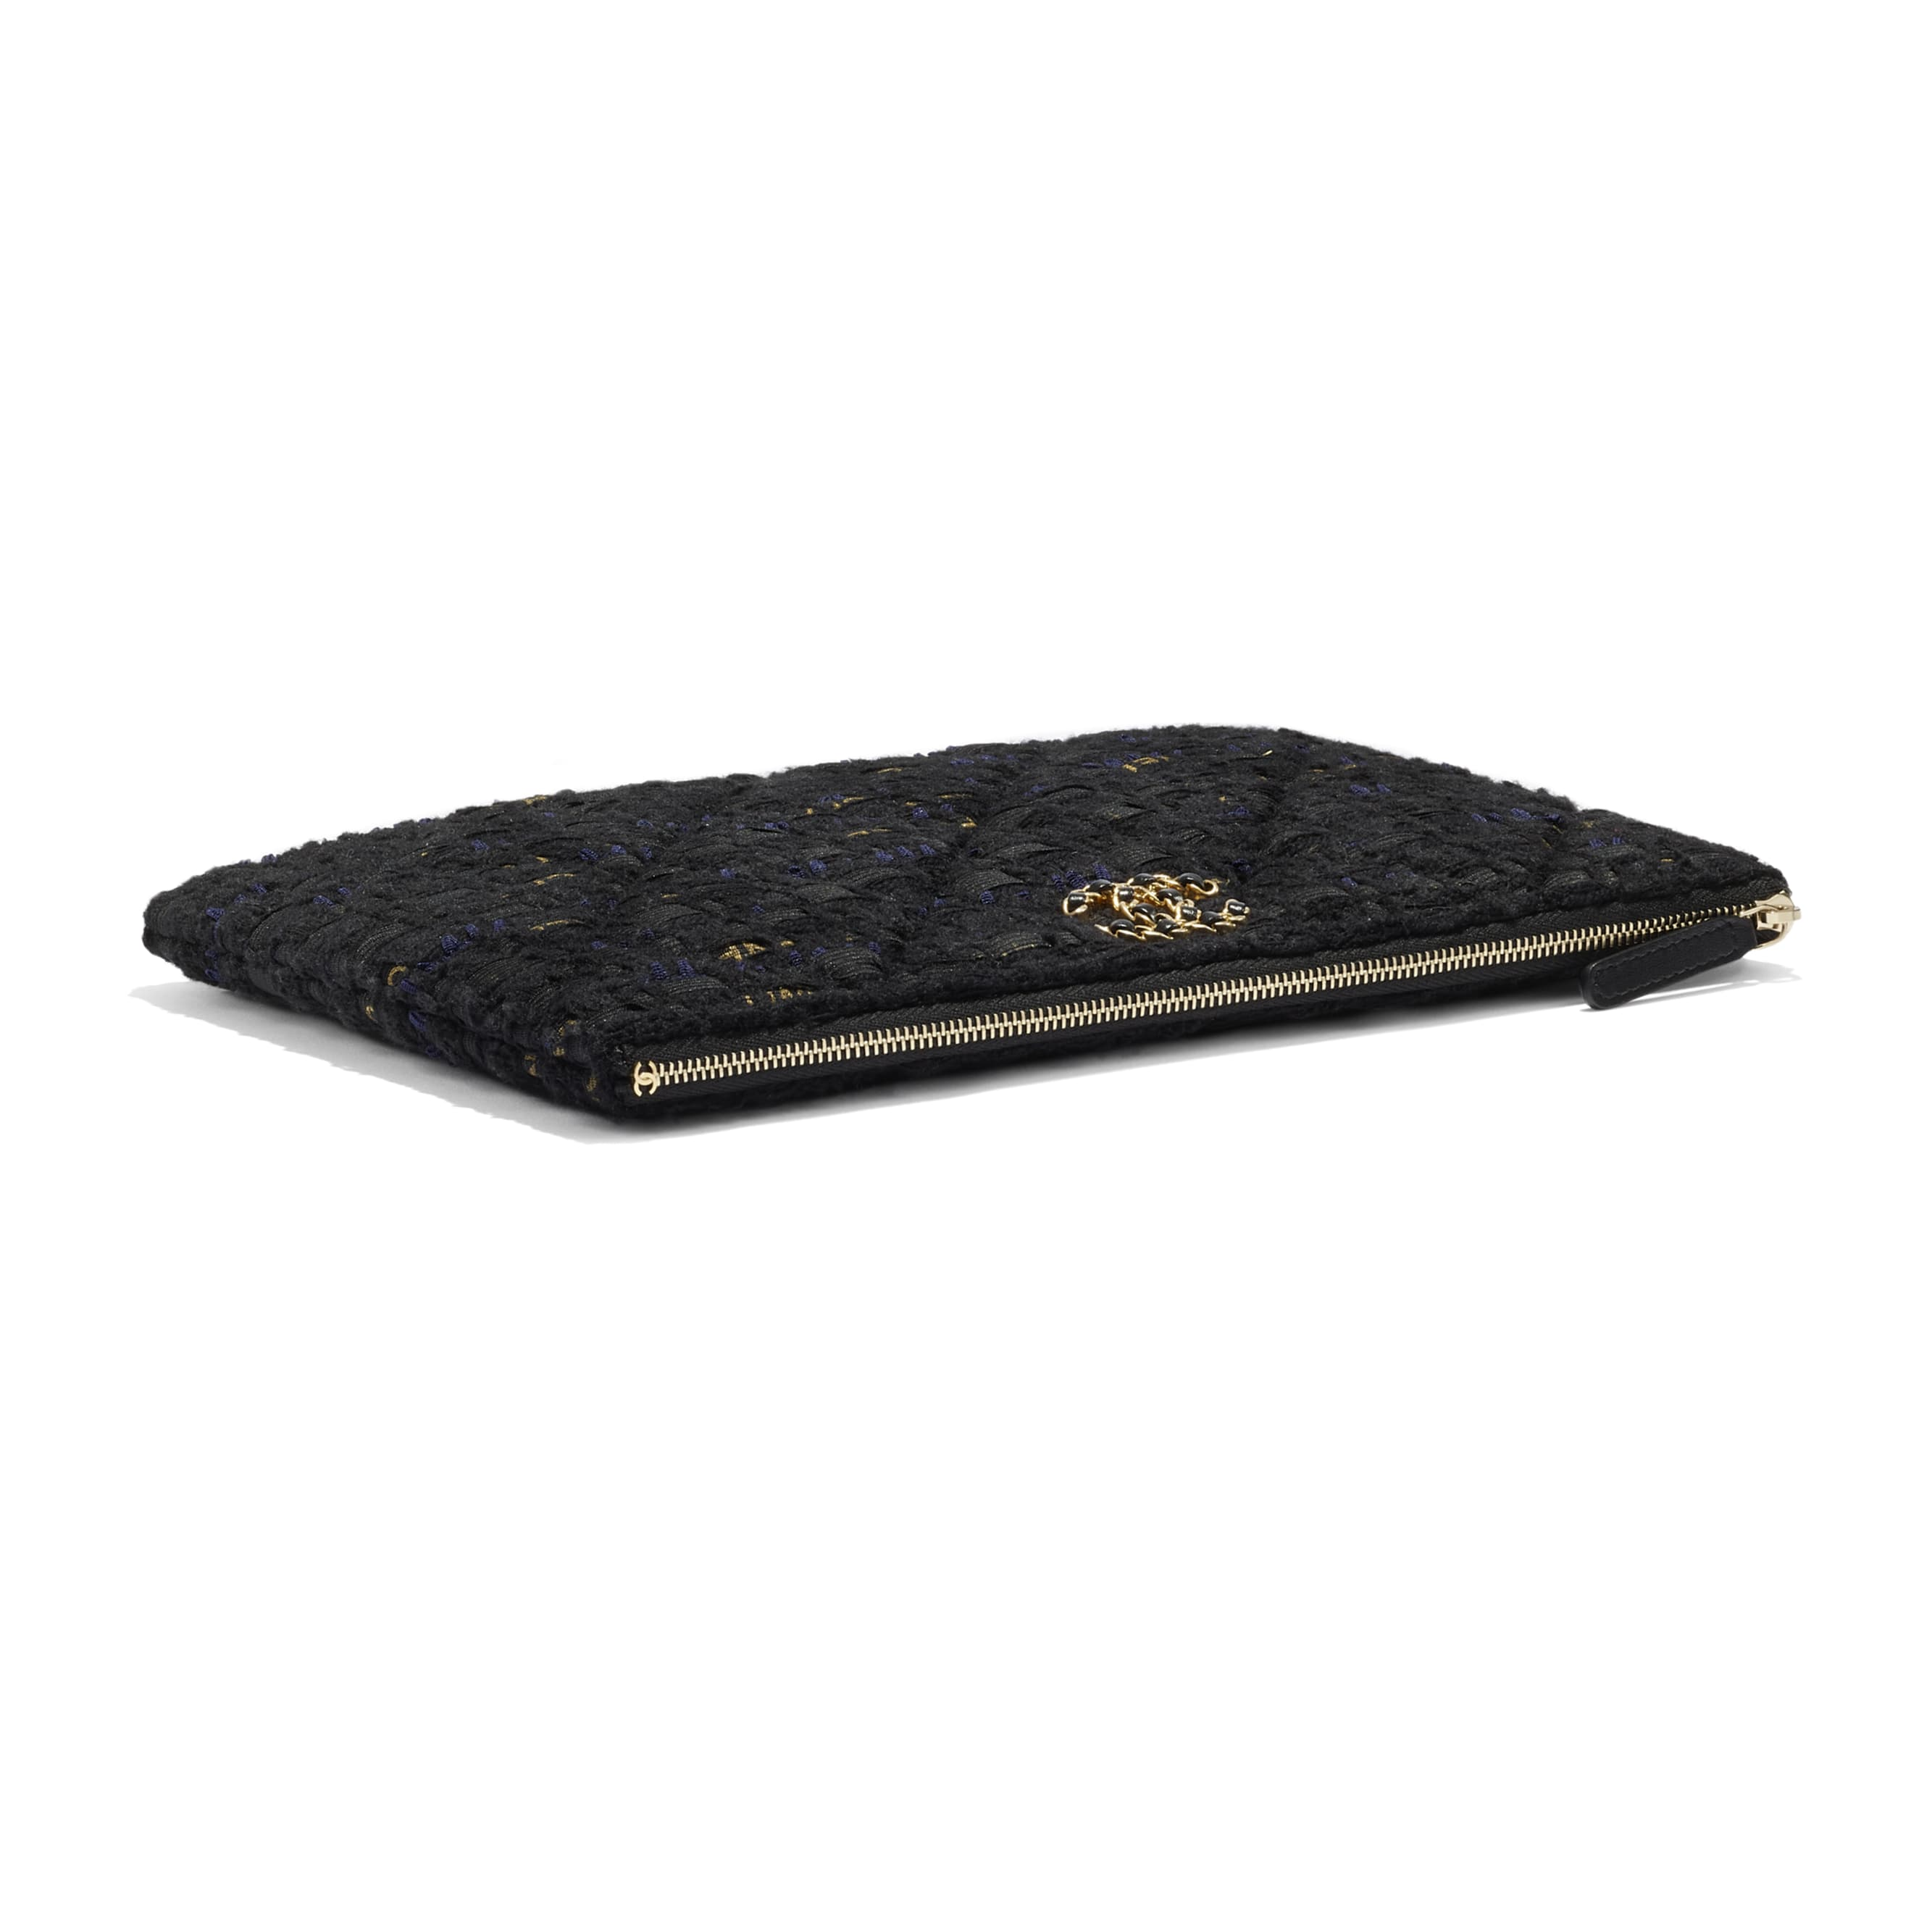 กระเป๋าเพาช์ CHANEL 19 - สีดำ สีน้ำเงินเนวี่บลู และสีทอง - ผ้าทวีตและโลหะสีทอง - CHANEL - มุมมองพิเศษ - ดูเวอร์ชันขนาดมาตรฐาน